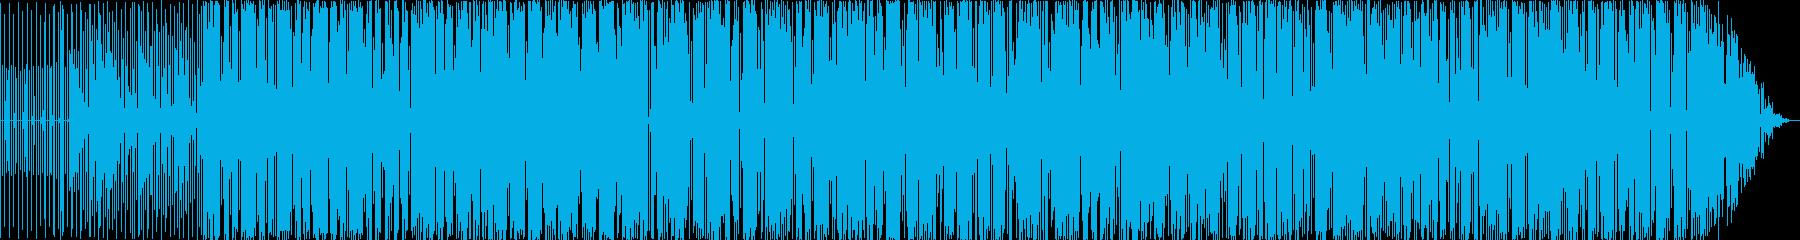 ムーディーヒップジャズの再生済みの波形